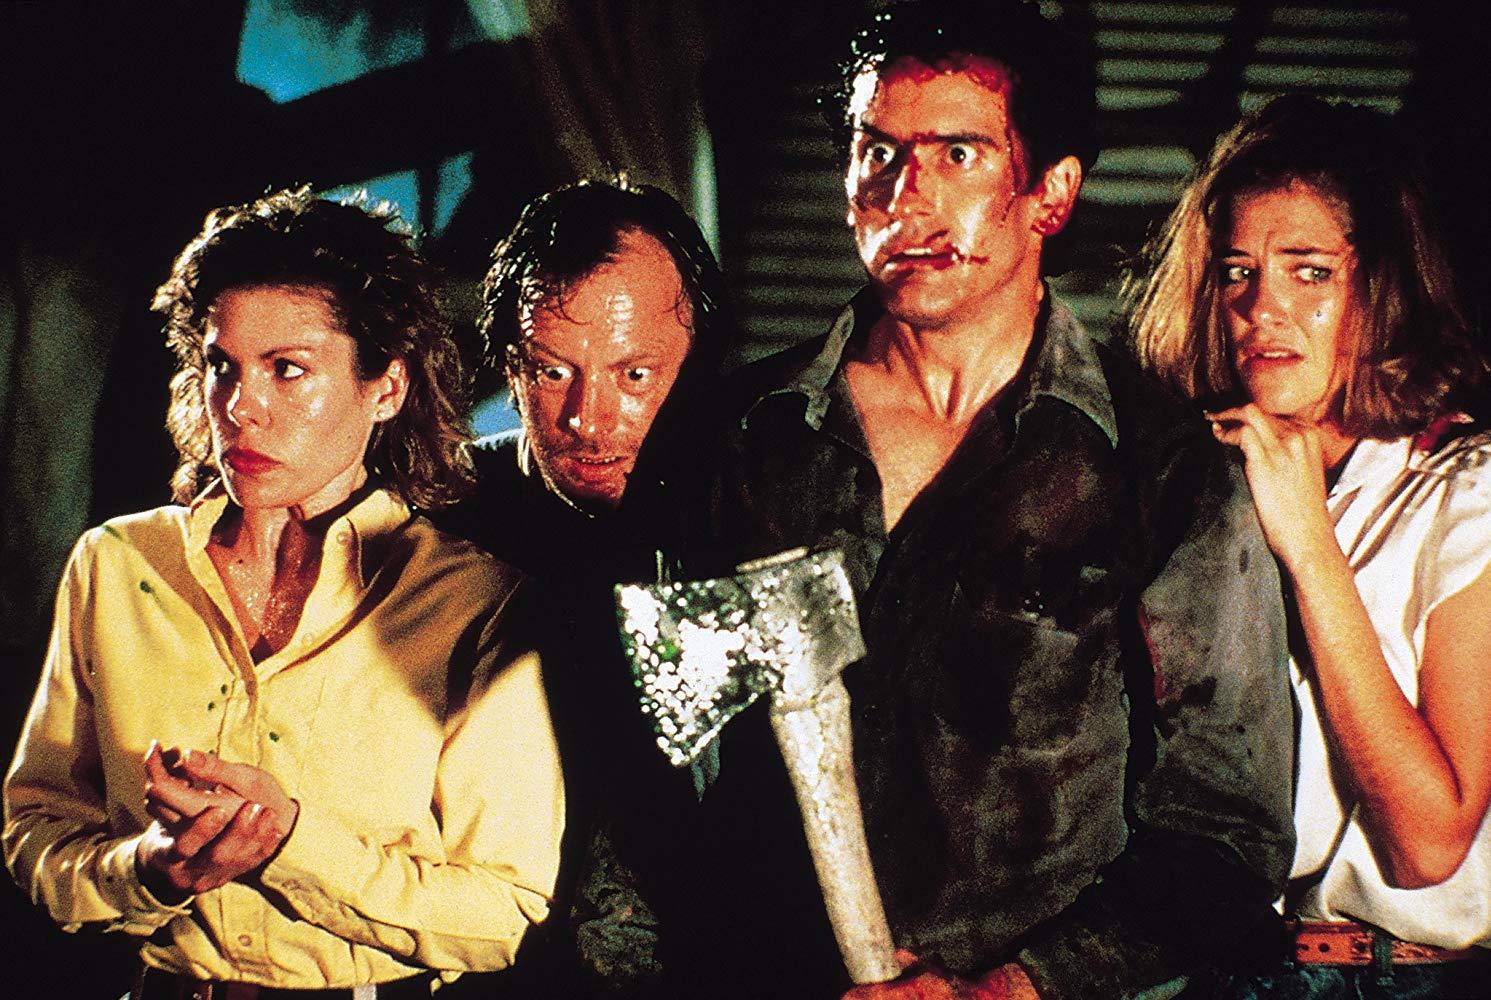 مشاهدة فيلم Evil Dead II 1987 HD مترجم كامل اون لاين